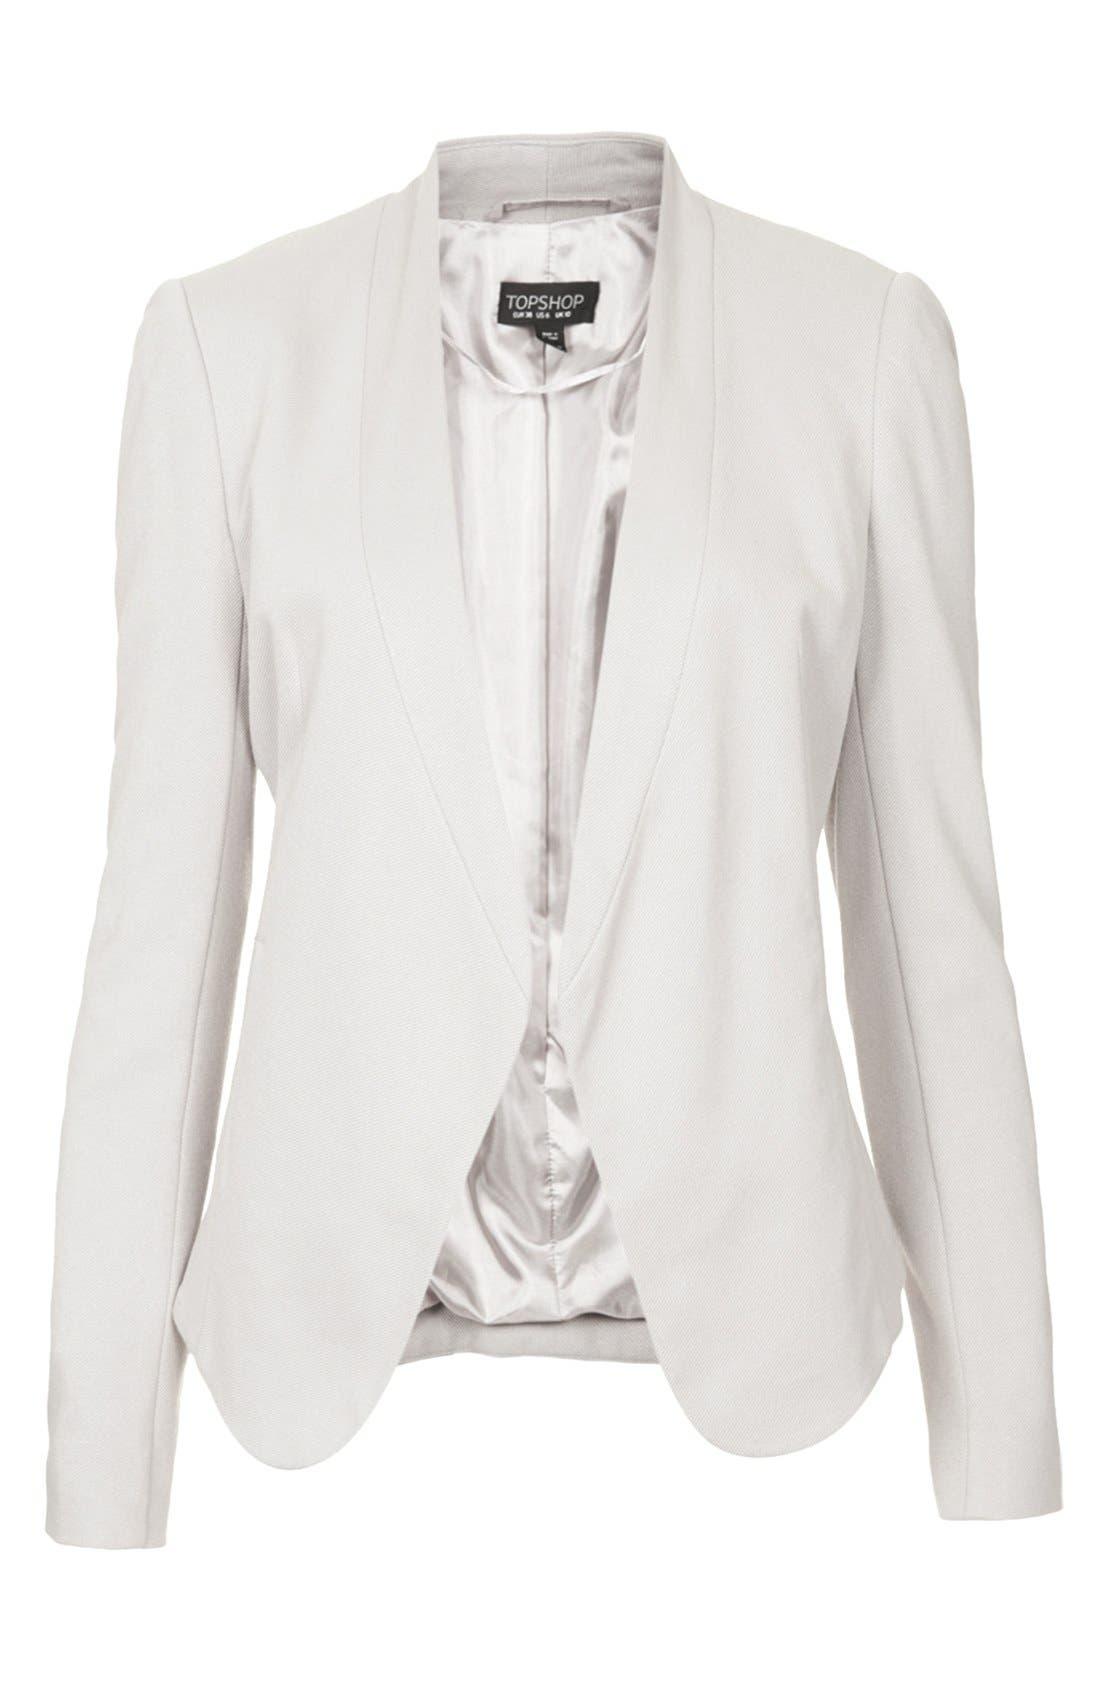 Alternate Image 3  - Topshop 'Darcy' Textured Blazer